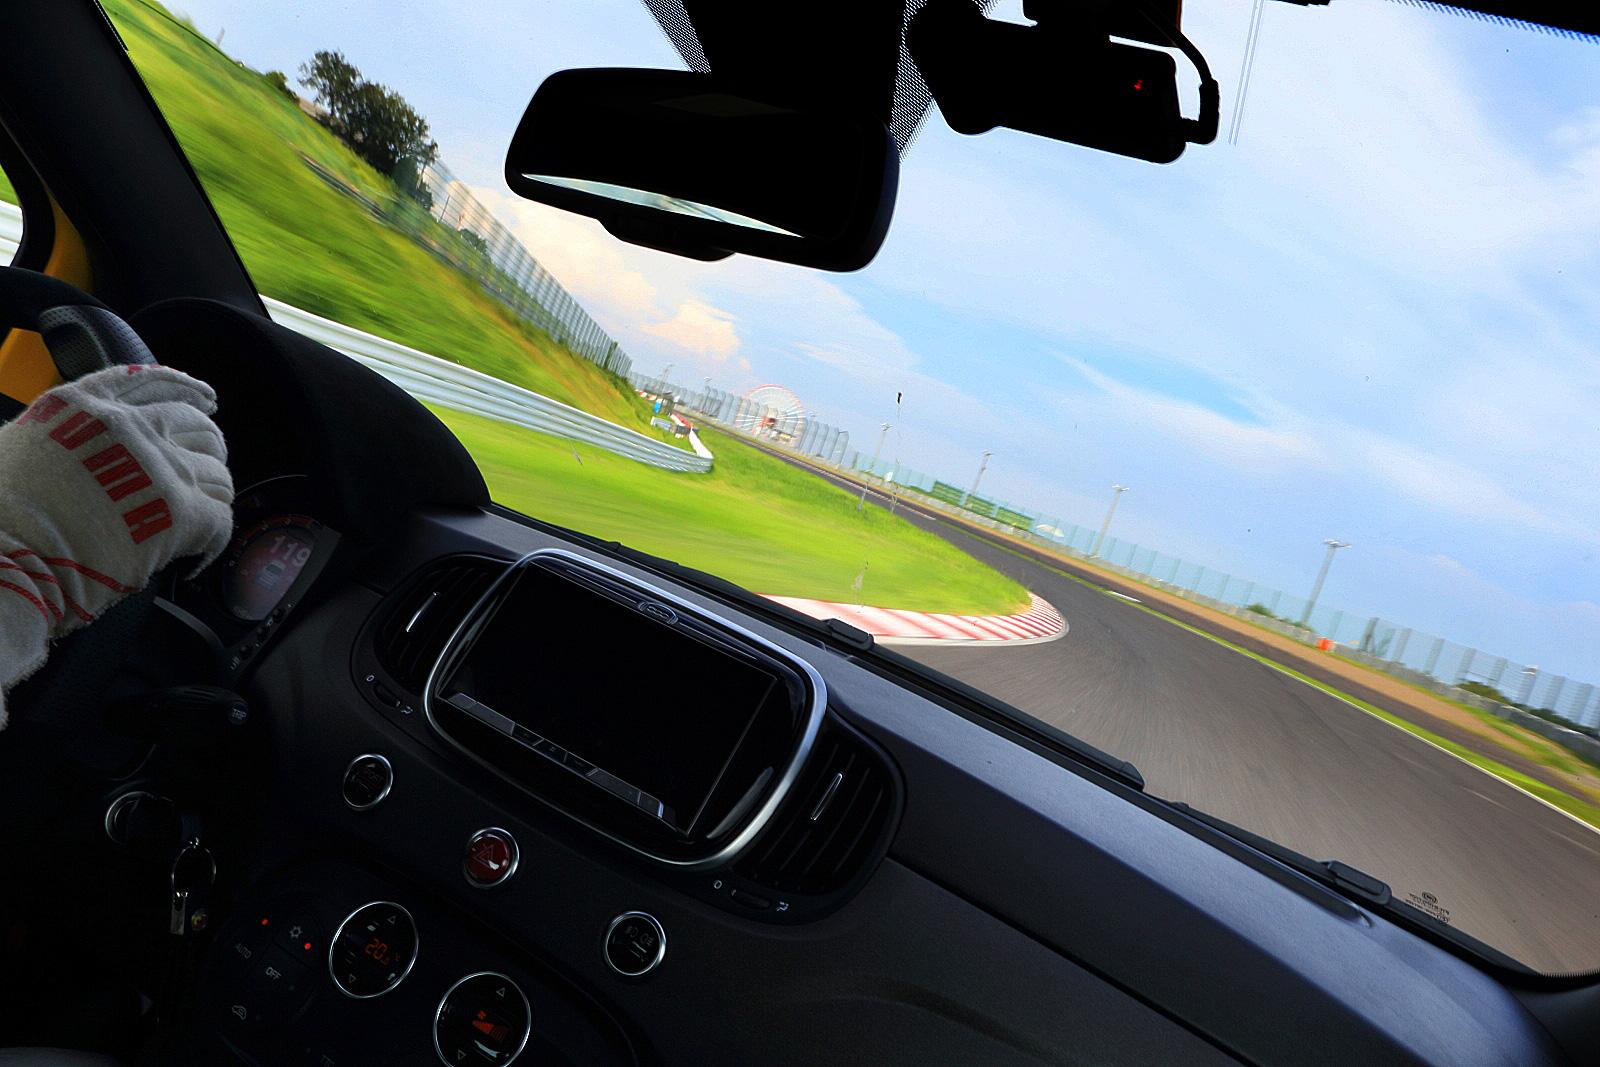 熱きサソリ使いたちの鈴鹿トライアル アバルト ドライビング アカデミー テクニコプラス開催!